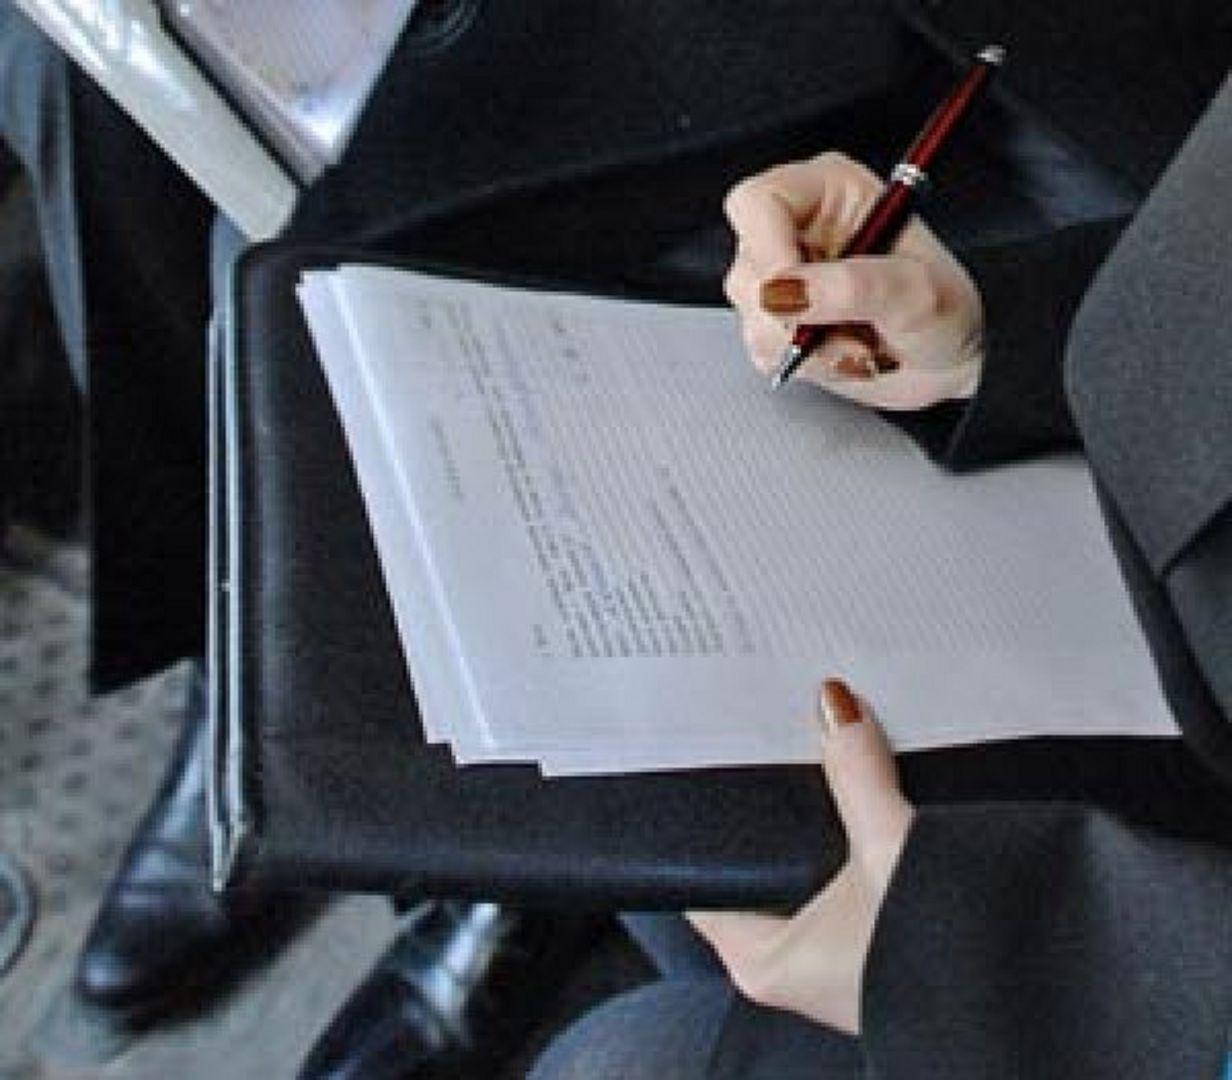 Ставропольчанка из-за желания скрыть измену от мужа оговорила двух мужчин